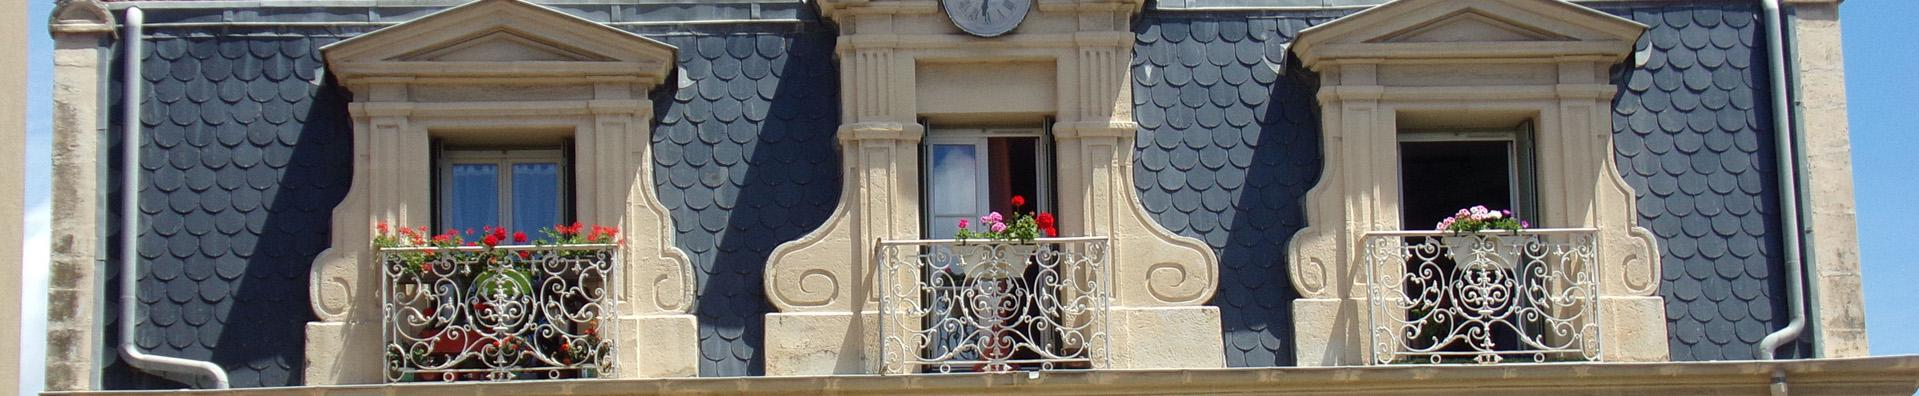 Maison de maître à Béziers